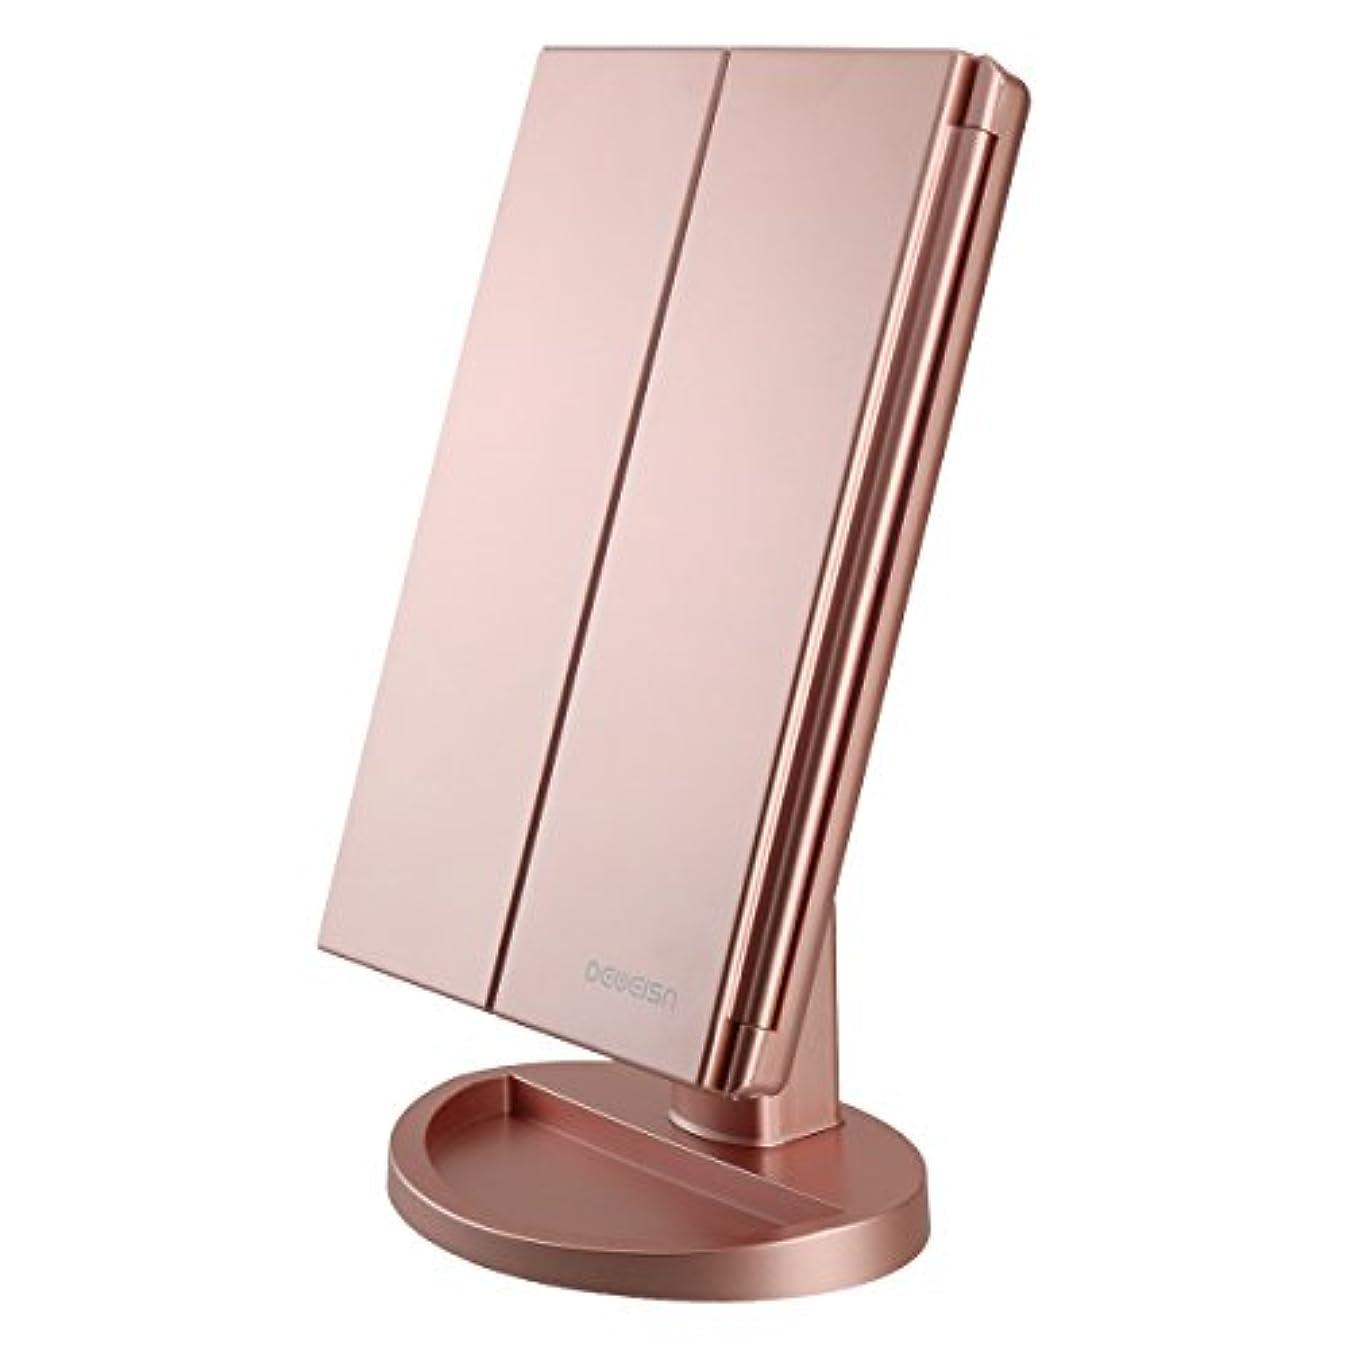 北極圏筋肉の成り立つ卓上三面鏡 LED化粧鏡 電池交換可能 2倍&3倍拡大鏡付き 角度自由調整 明るさ調整可能 折り畳み式 LEDライト21個 全3色 スタンド ミラー (ローズゴールド)